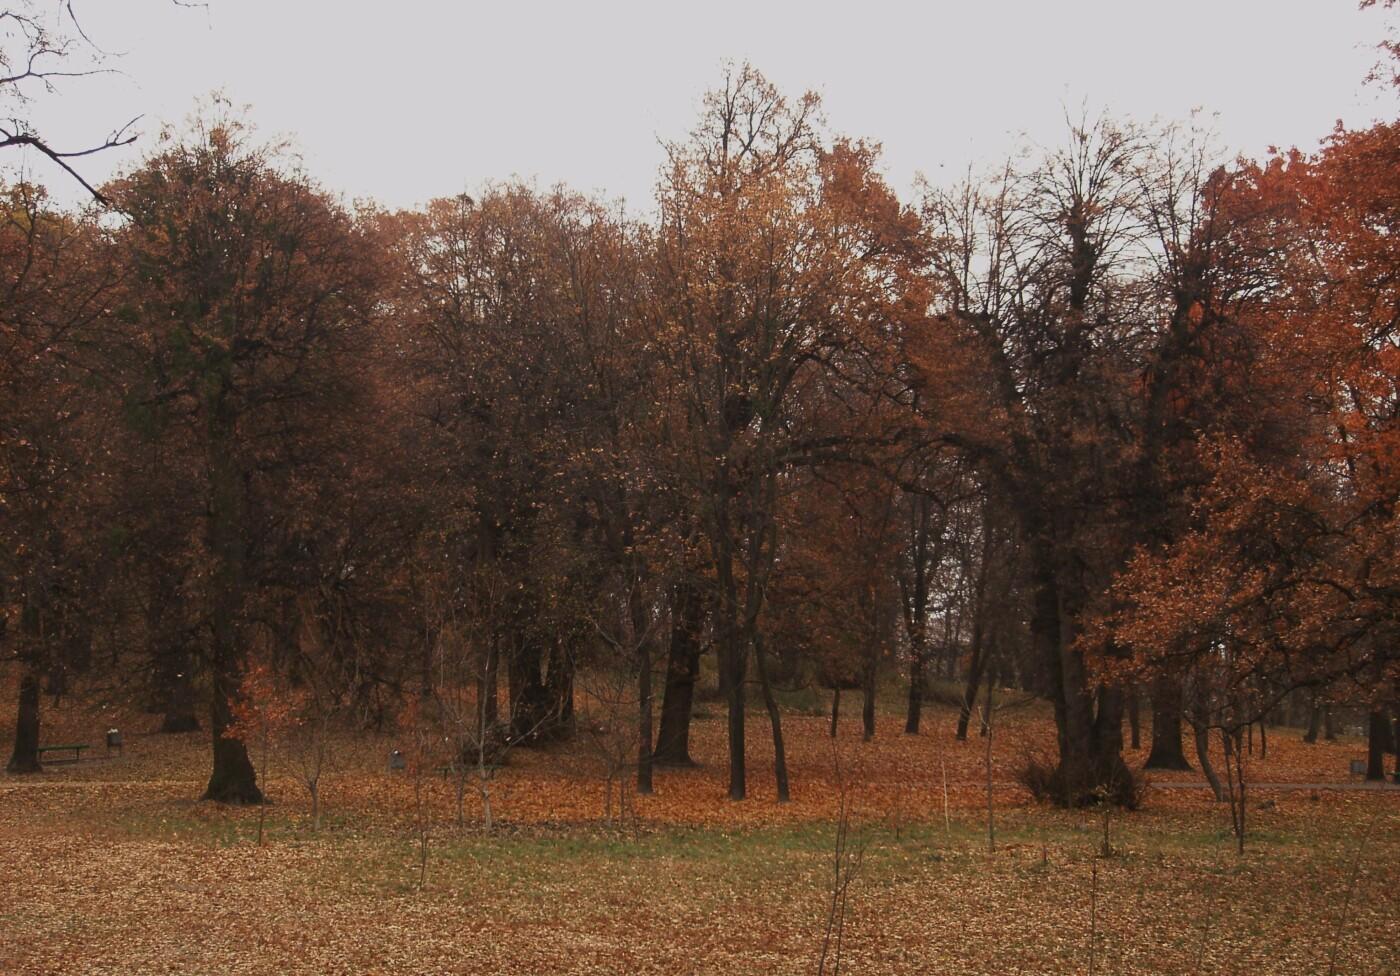 Горка Кристера в Киеве: как появился парк, где он находится и чем интересен, - ФОТО, Фото: Андрей Виноградарь